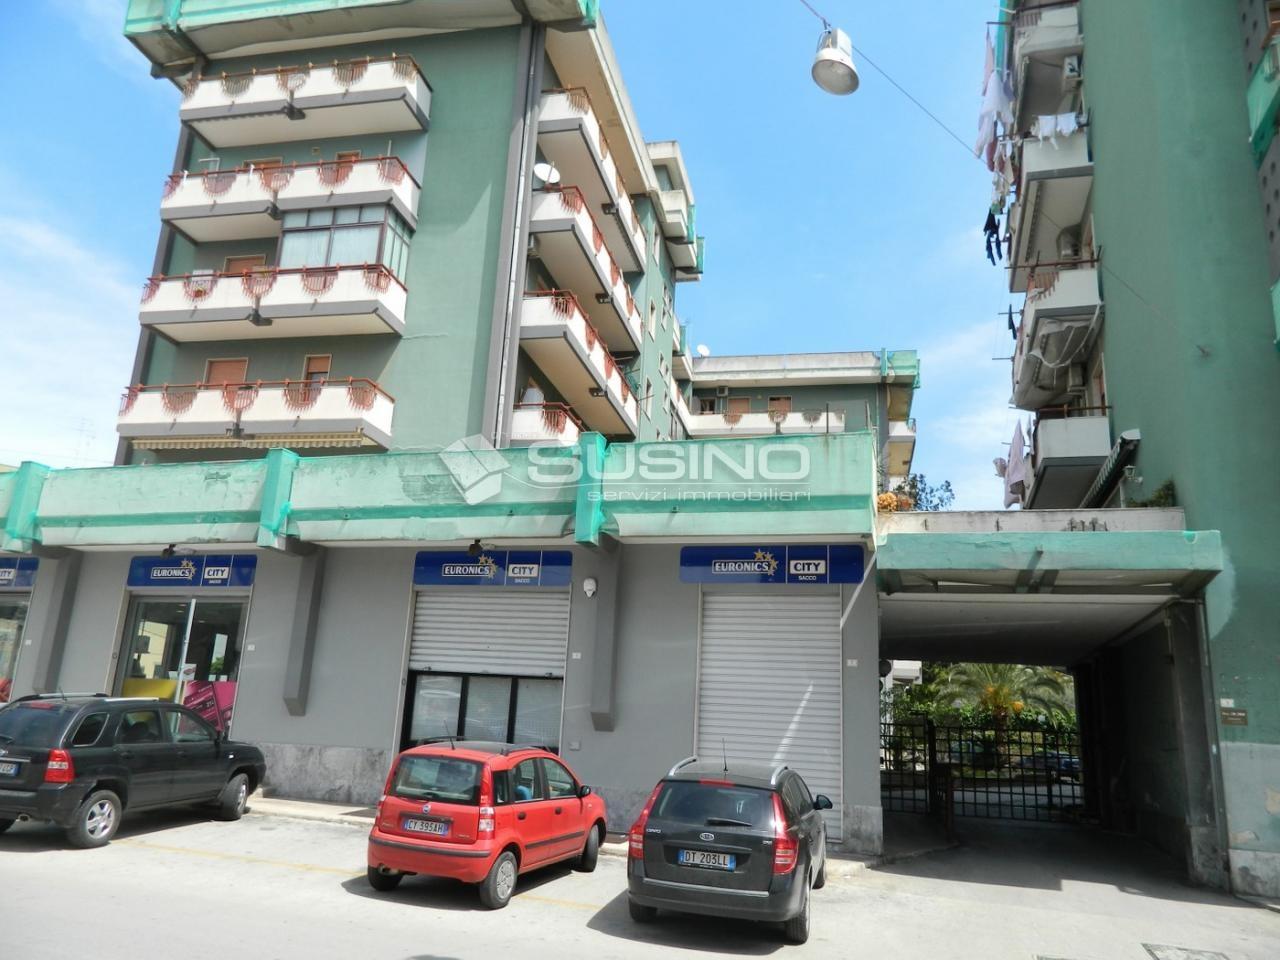 Box / Garage in vendita a Siracusa, 9999 locali, zona Località: Teracati, prezzo € 25.000 | CambioCasa.it